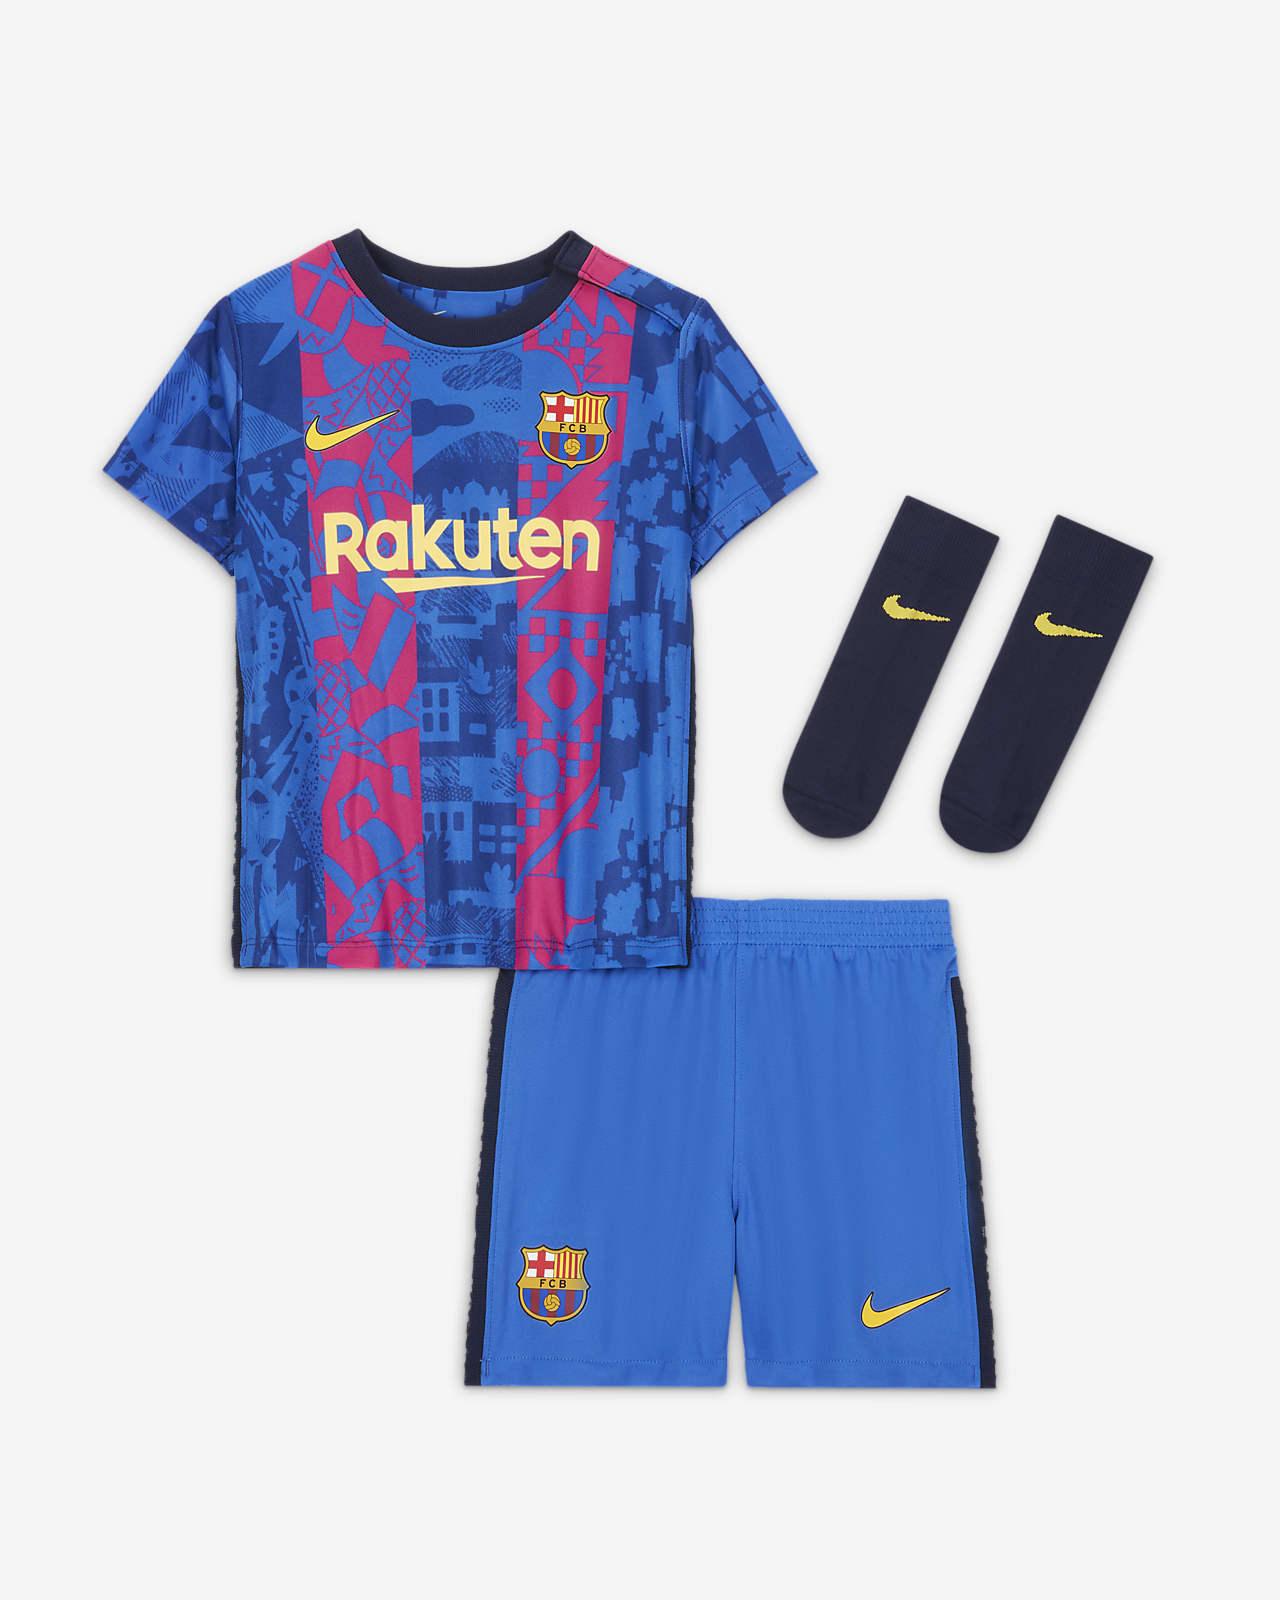 Divisa FC Barcelona 2021/22 per neonati/bimbi piccoli - Terza